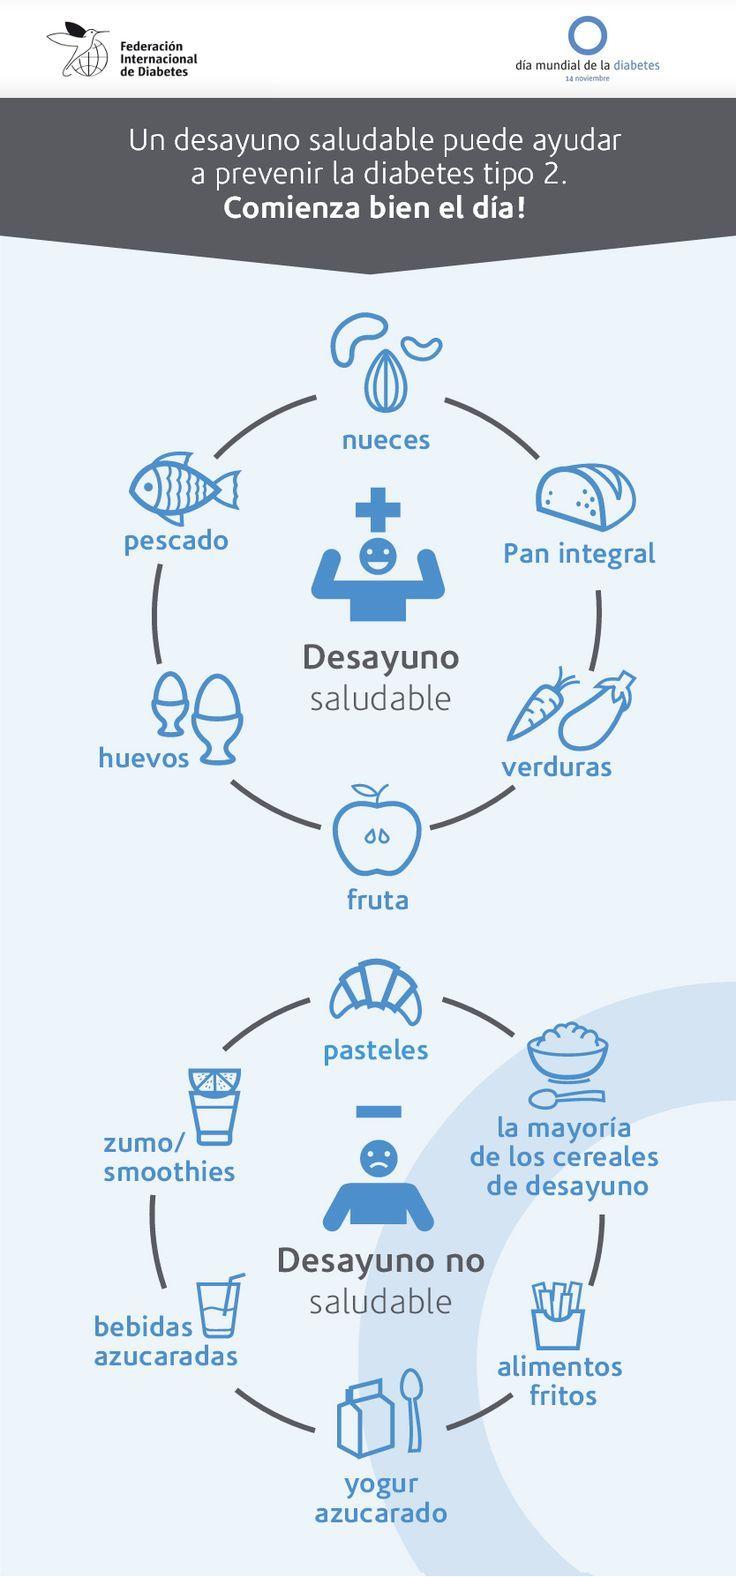 Vive con Diabetes - La importancia de un desayuno saludable